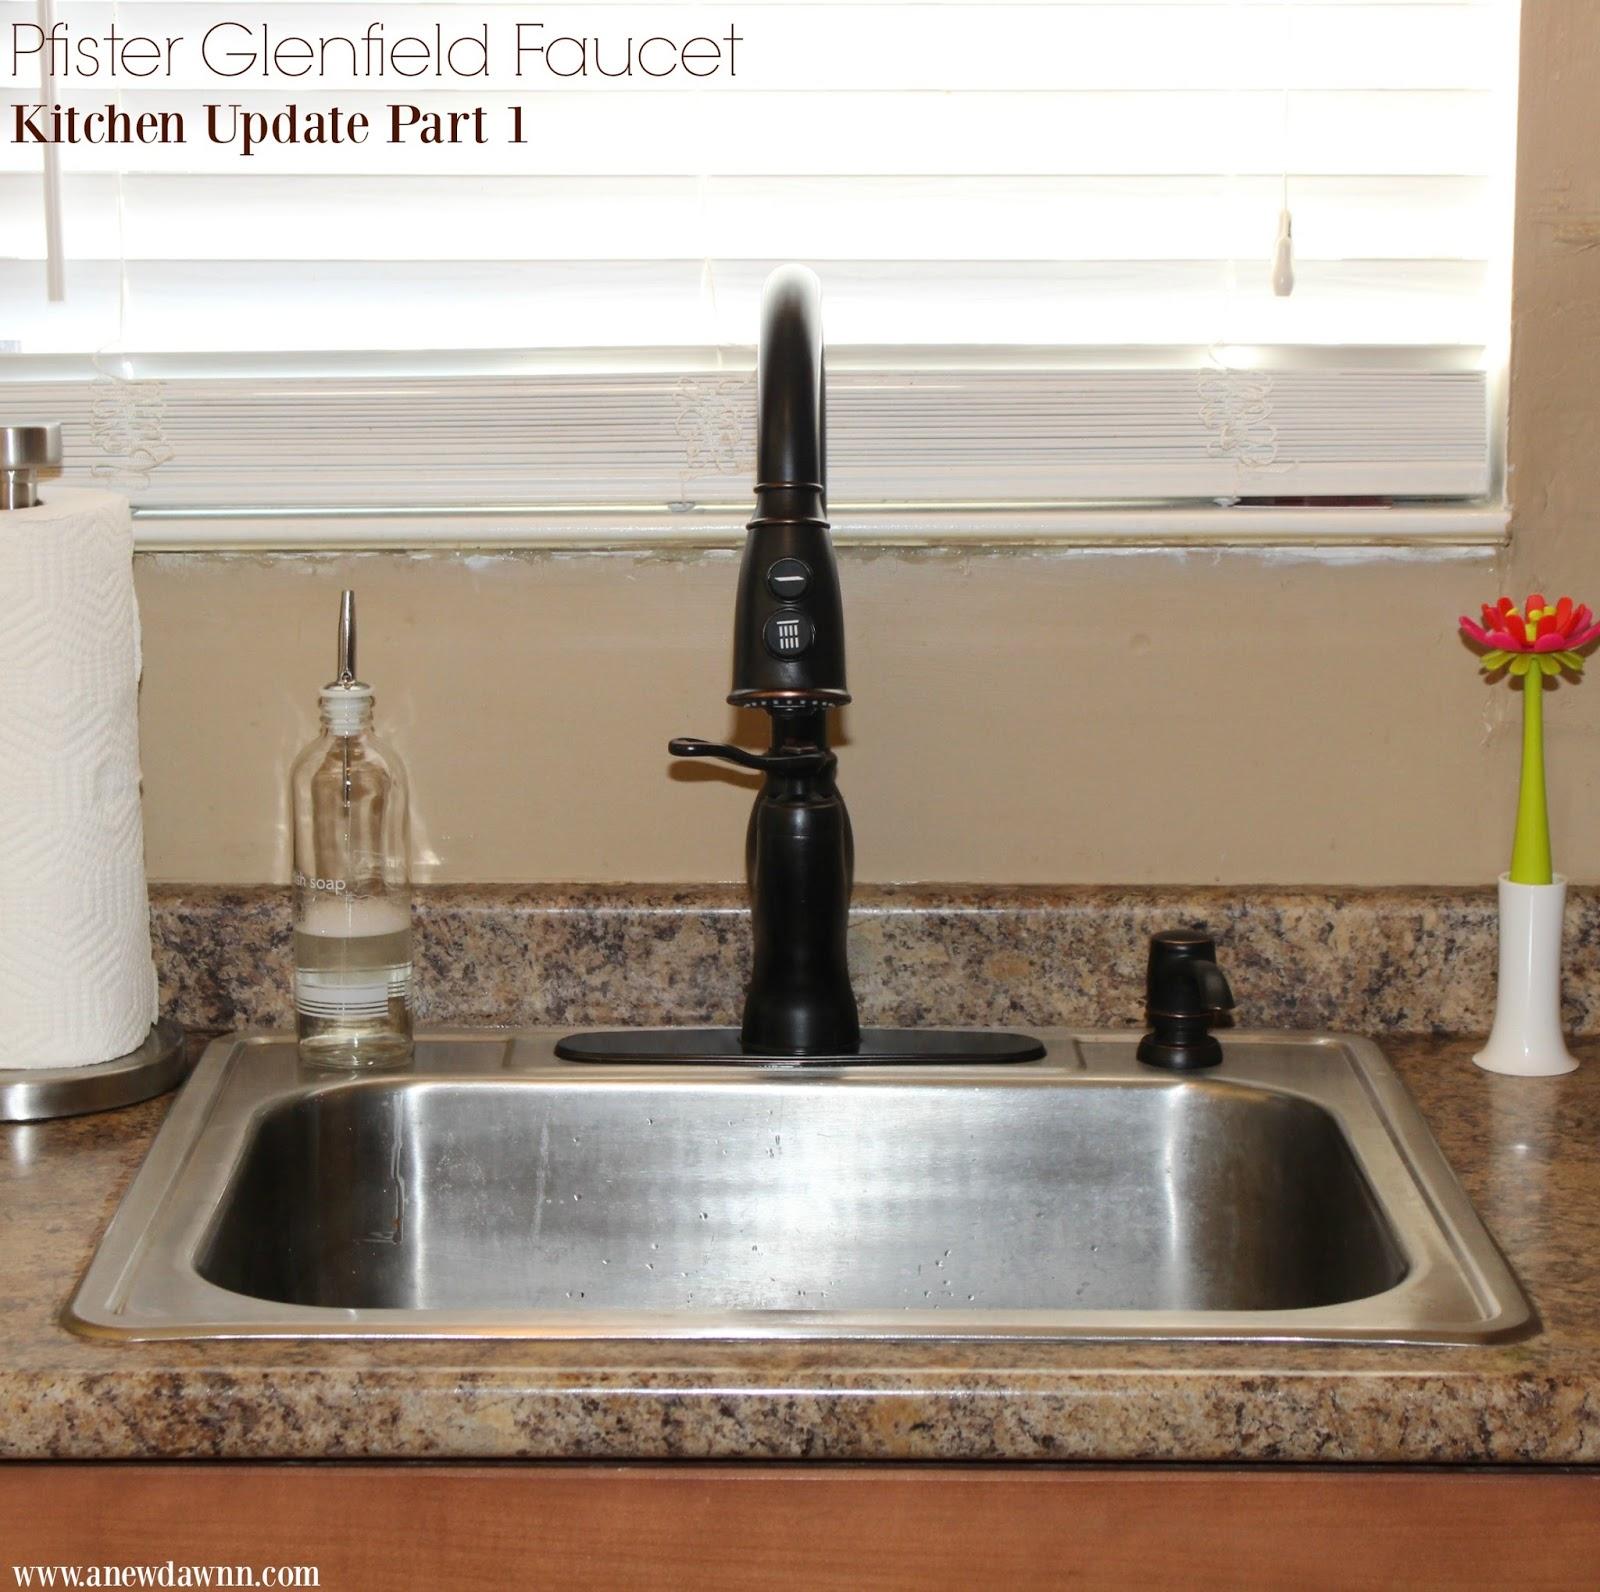 Easy Kitchen Updates Part 1 - A New Pfister Faucet - A New Dawnn